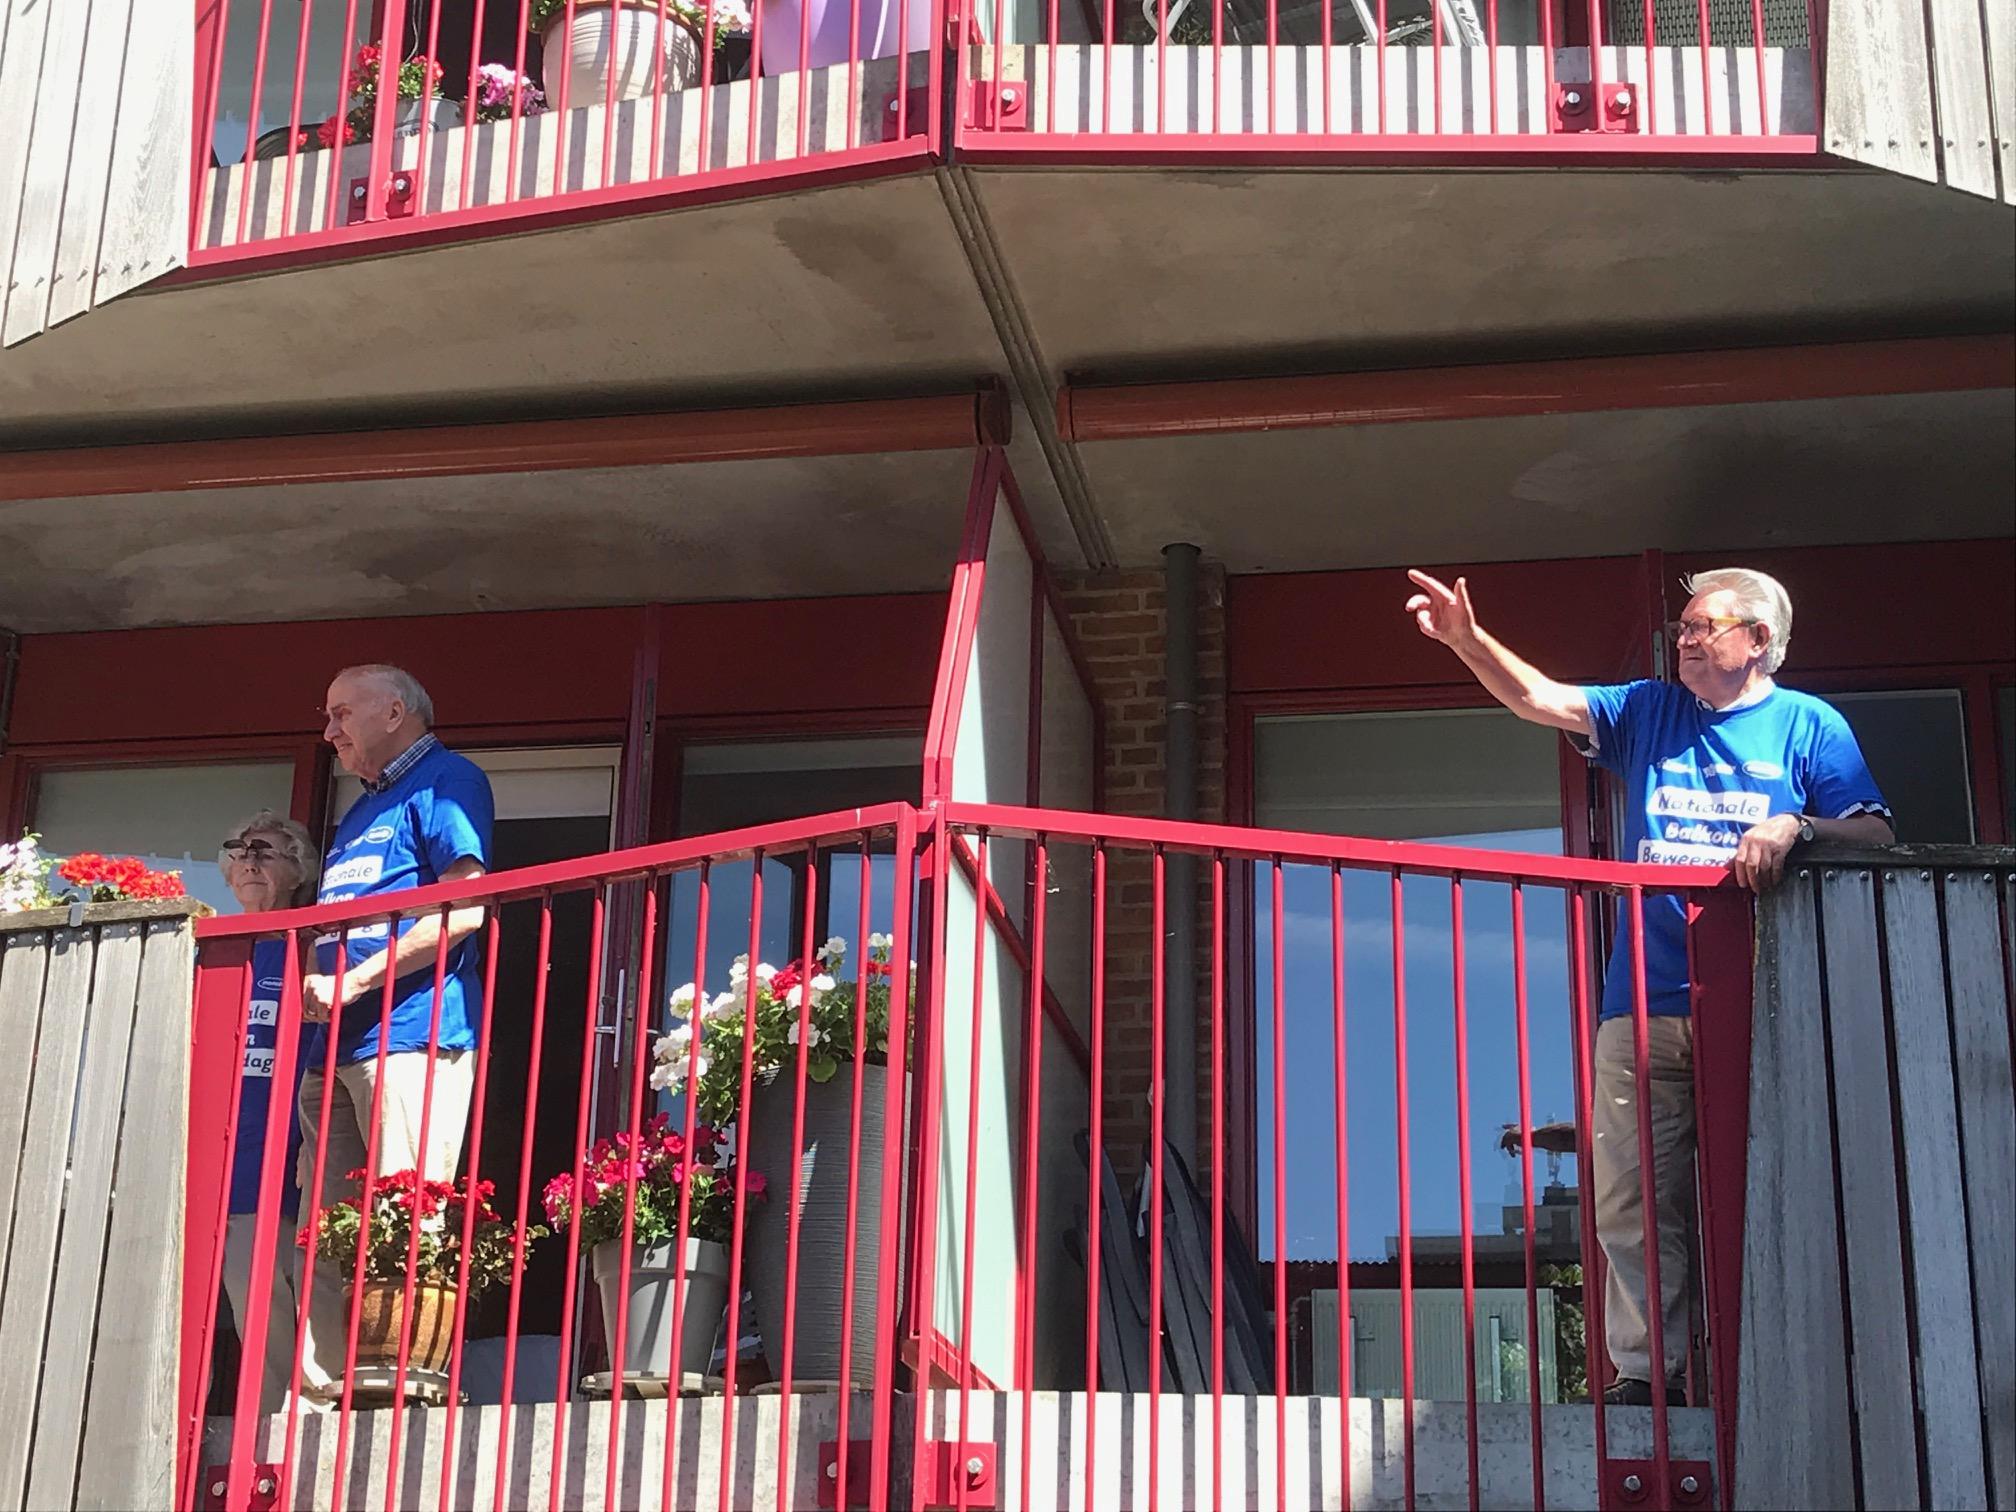 Kijken, bewegen en winnen: De Nationale balkon beweegdag